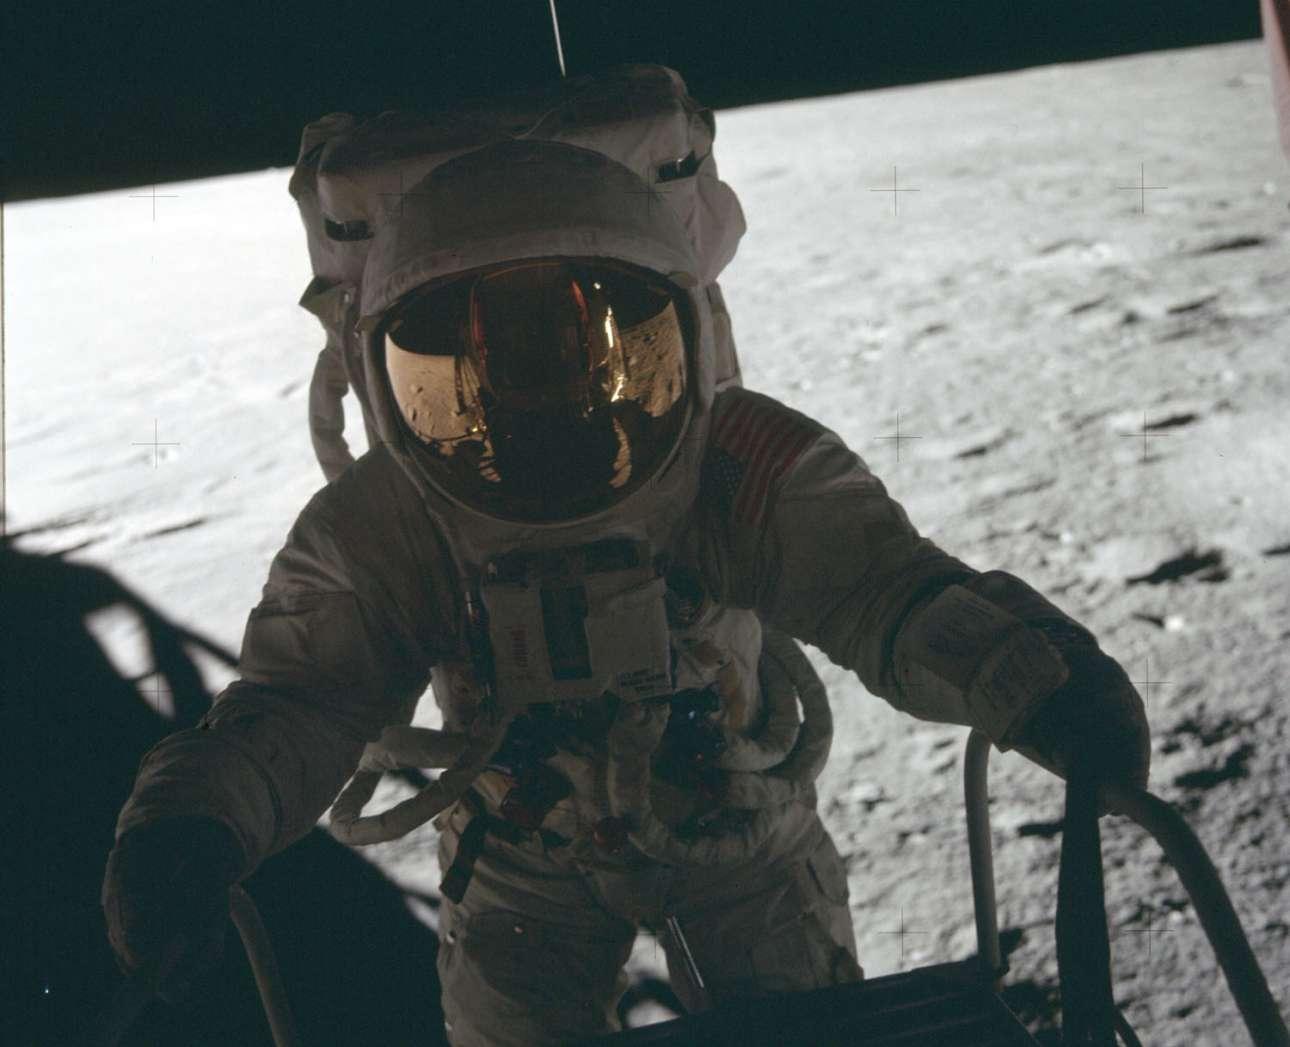 Επιτέλους στη Σελήνη! Ο Τσαρλς Κόνραντ βγαίνει από τη σεληνάκατο και ετοιμάζεται να ξεκινήσει της διαδικασία Σεληνιακής Εξωοχηματικής Δραστηριότητας, δηλαδή να πατήσει το πόδι του στη Σελήνη